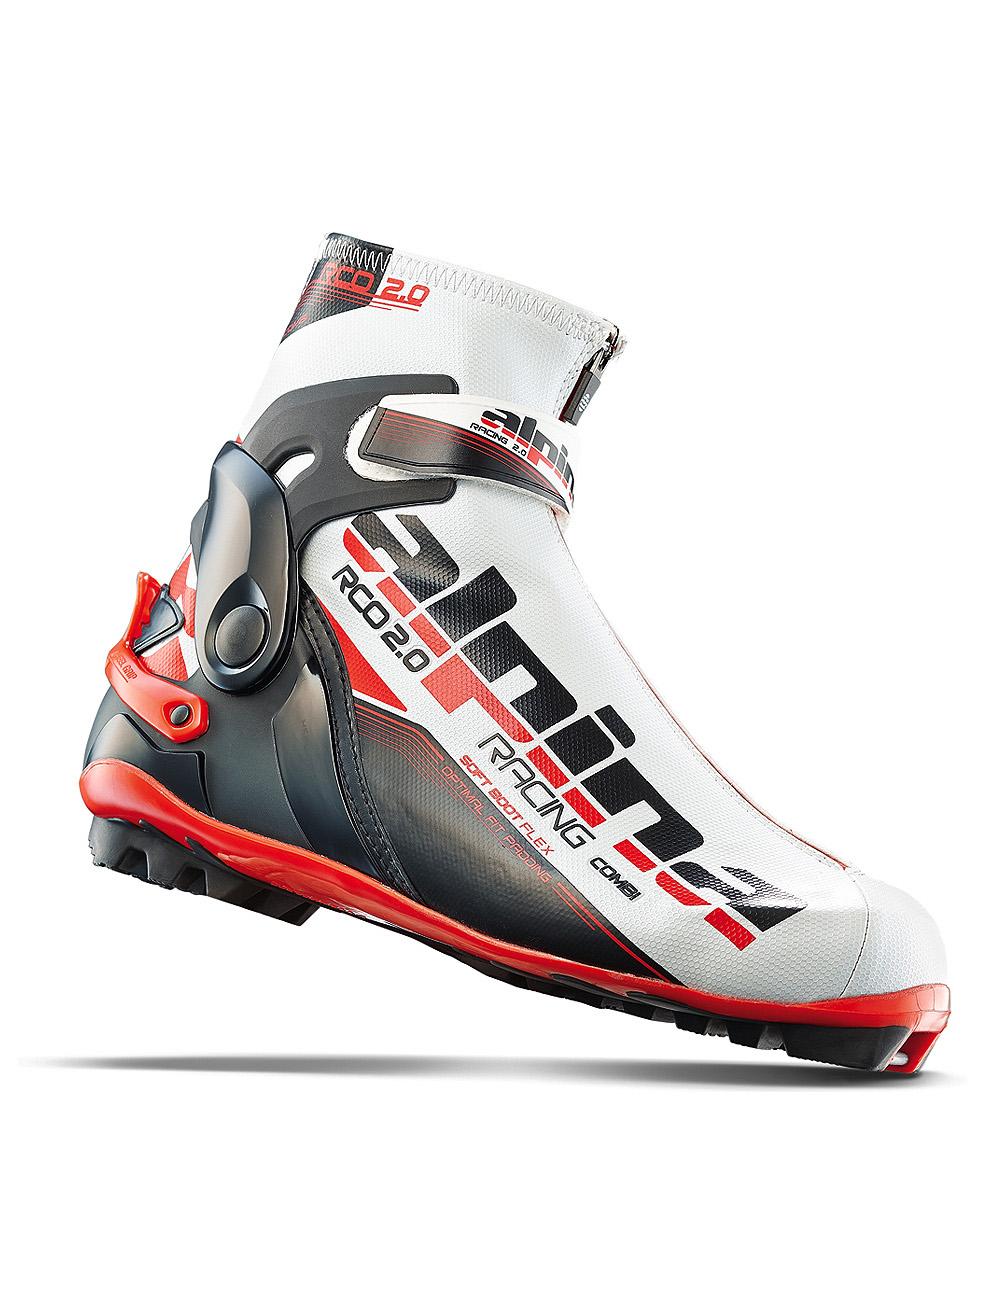 ad9ce1ad7ee45e ALPINA Лыжные ботинки R COMBI, артикул 5057-1 -, характеристики ...